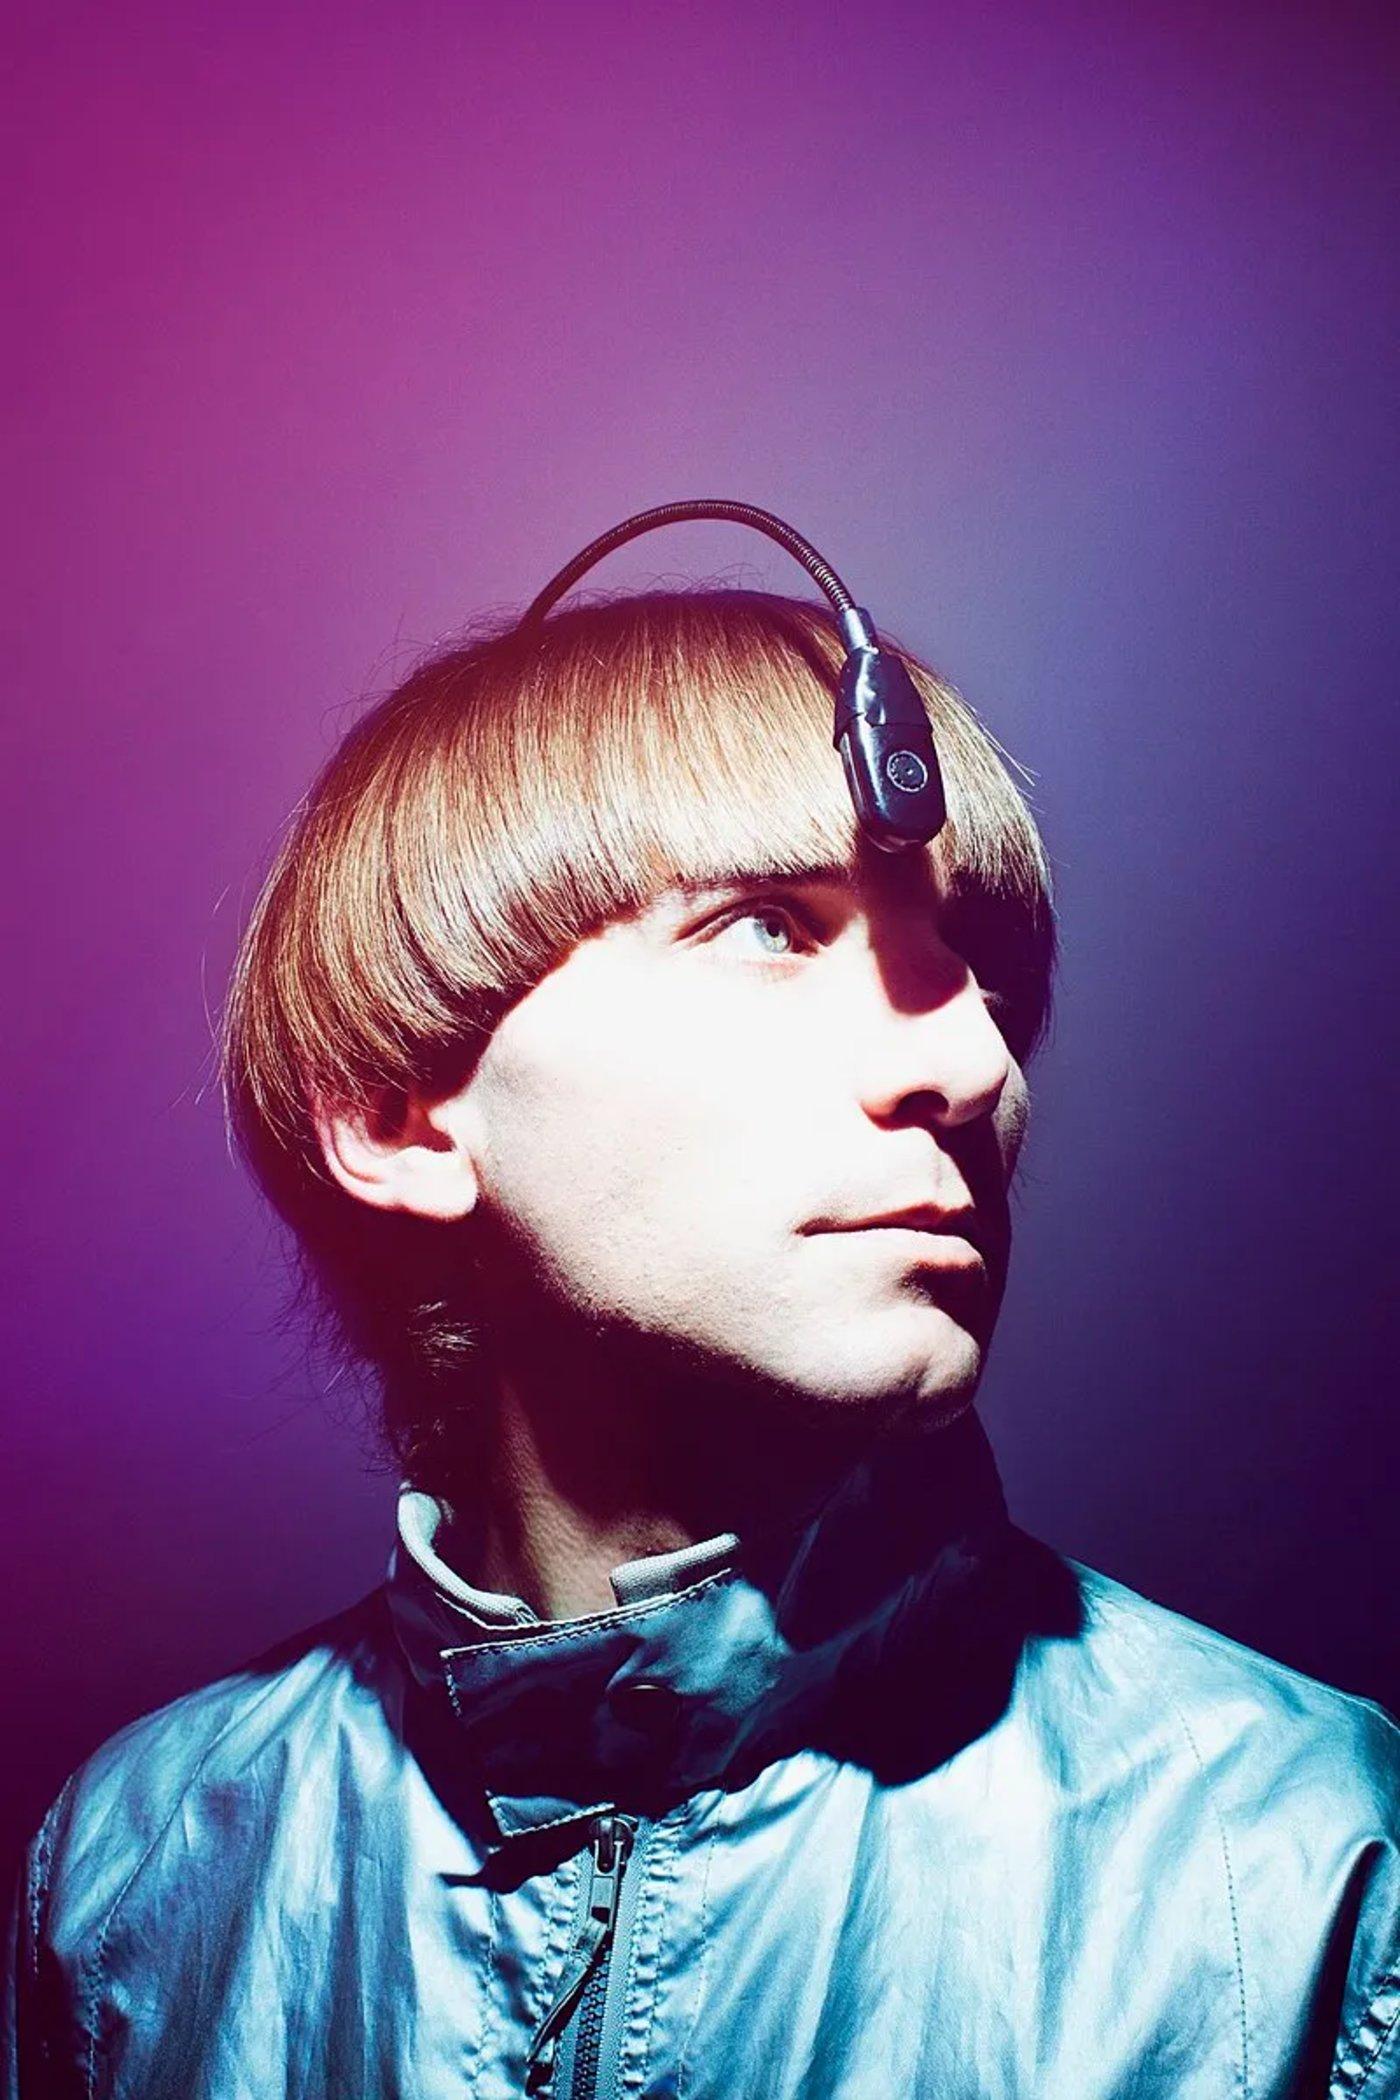 图   英国艺术家 Neil Harbisson,世界上第一个将天线植入头骨的人,也是第一个被政府依法承认为半机械人的跨物种人类(来源:维基百科)